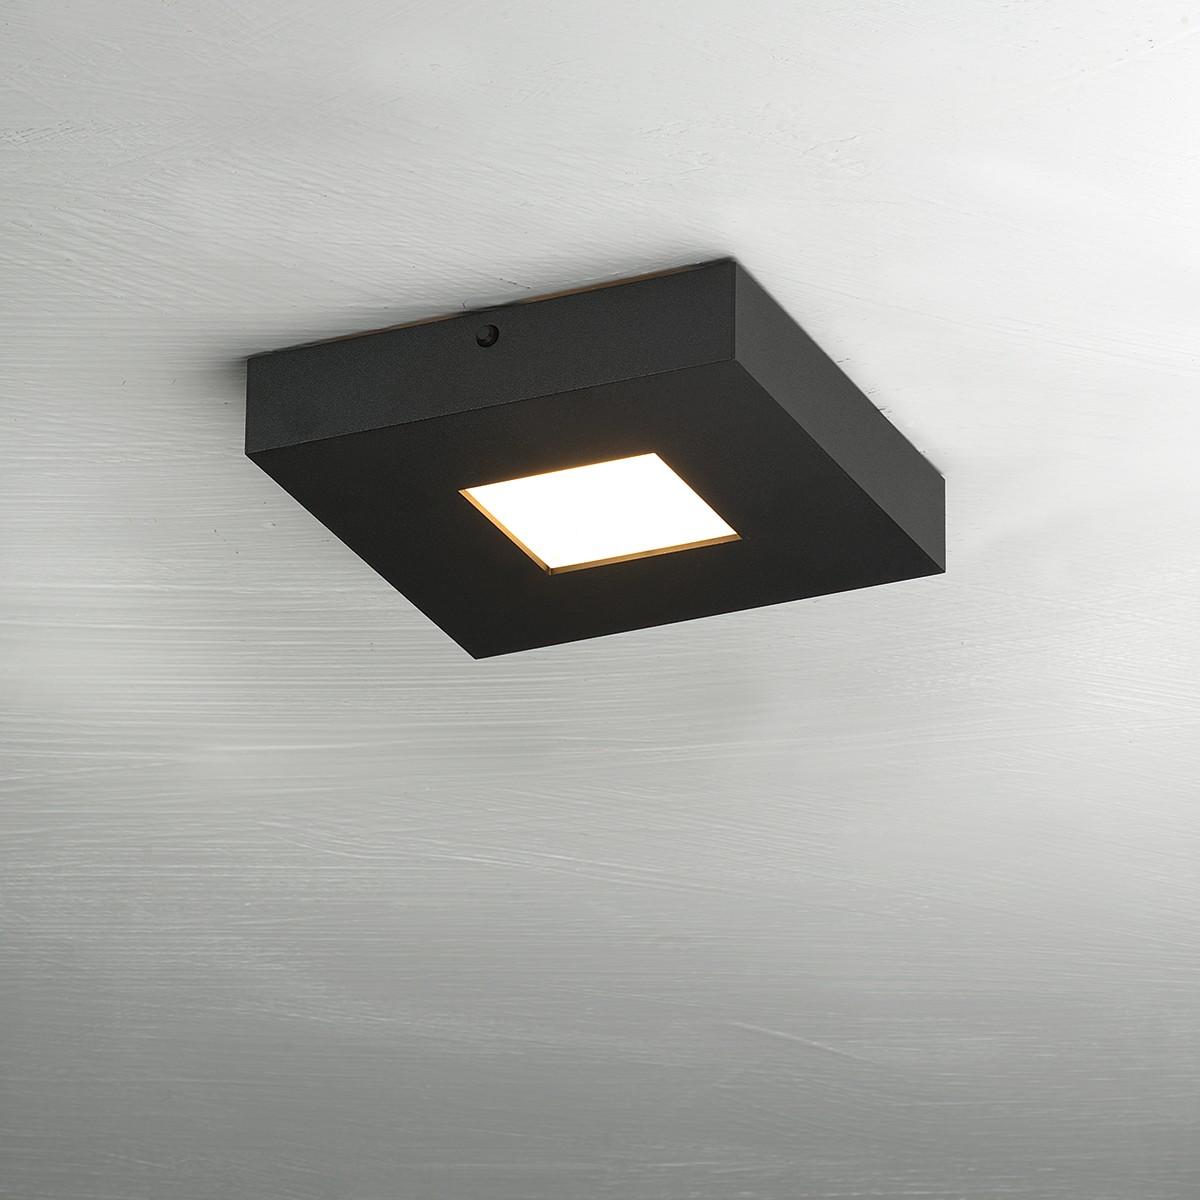 Bopp Cubus Deckenleuchte, 1-flg., schwarz